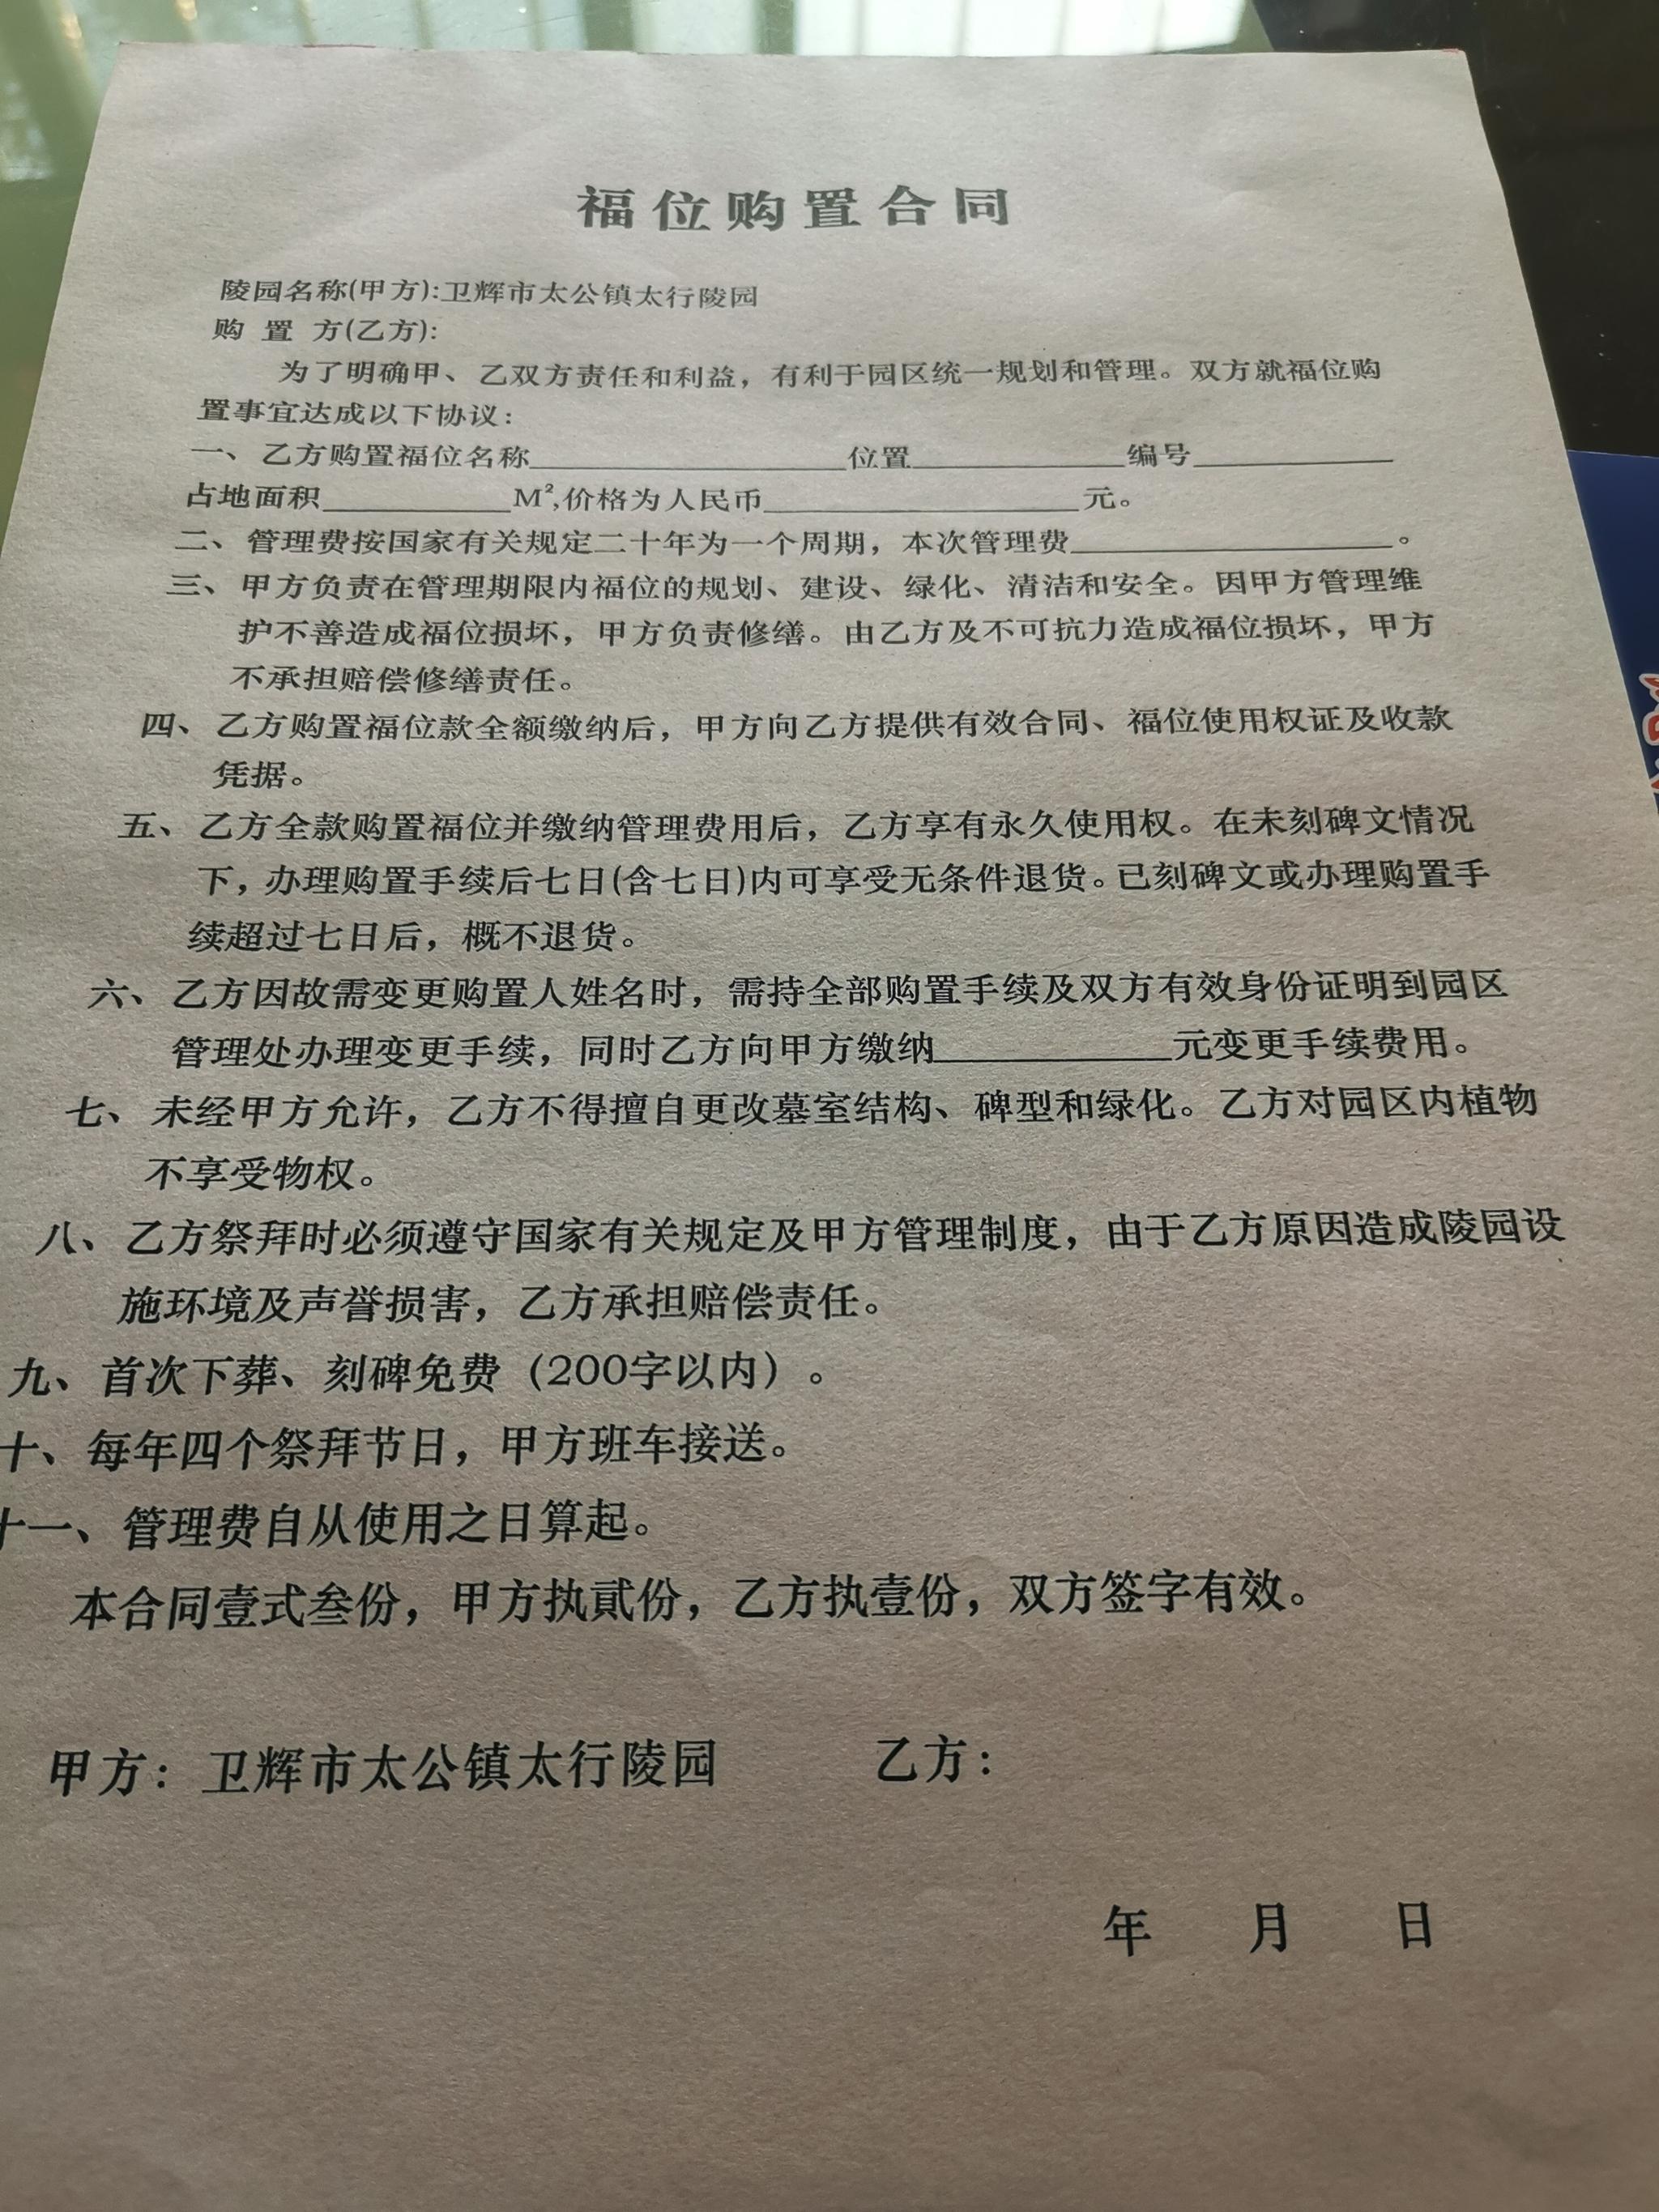 太行陵园的合同。新京报记者程亚龙摄